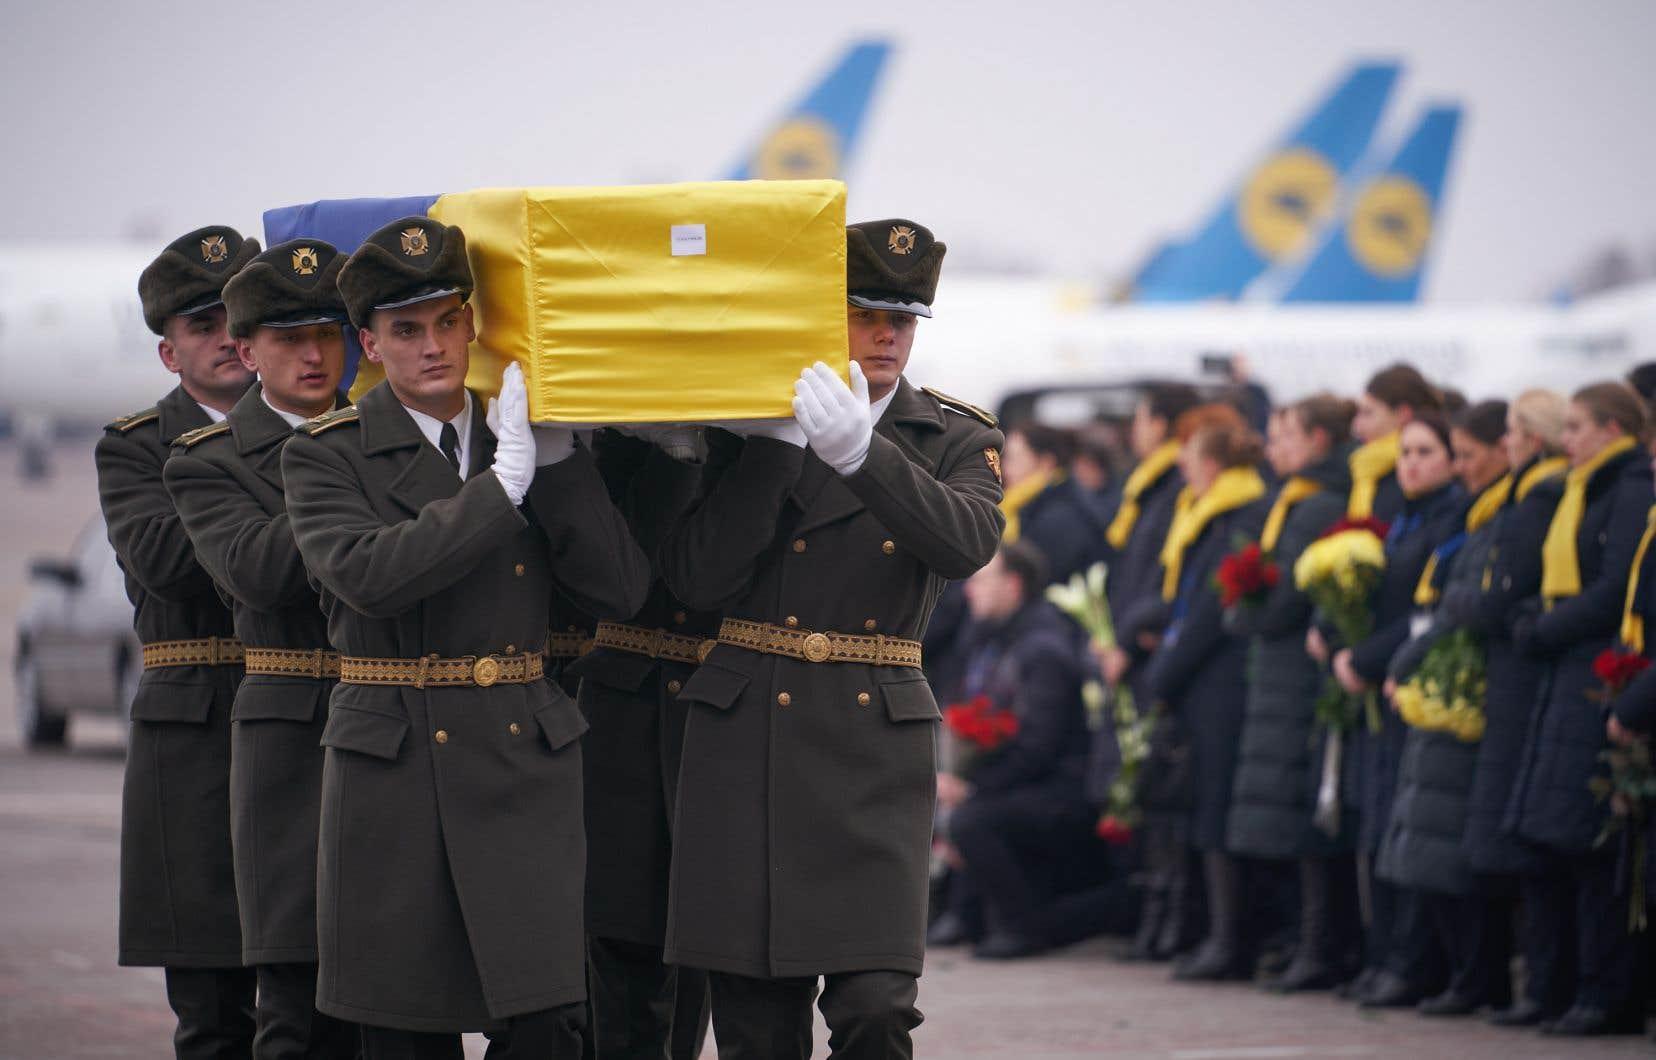 <p>Les onze cercueils ont été enveloppés dans des drapeaux ukrainiens et transportés sur le tarmac par des gardes d'honneur.</p>